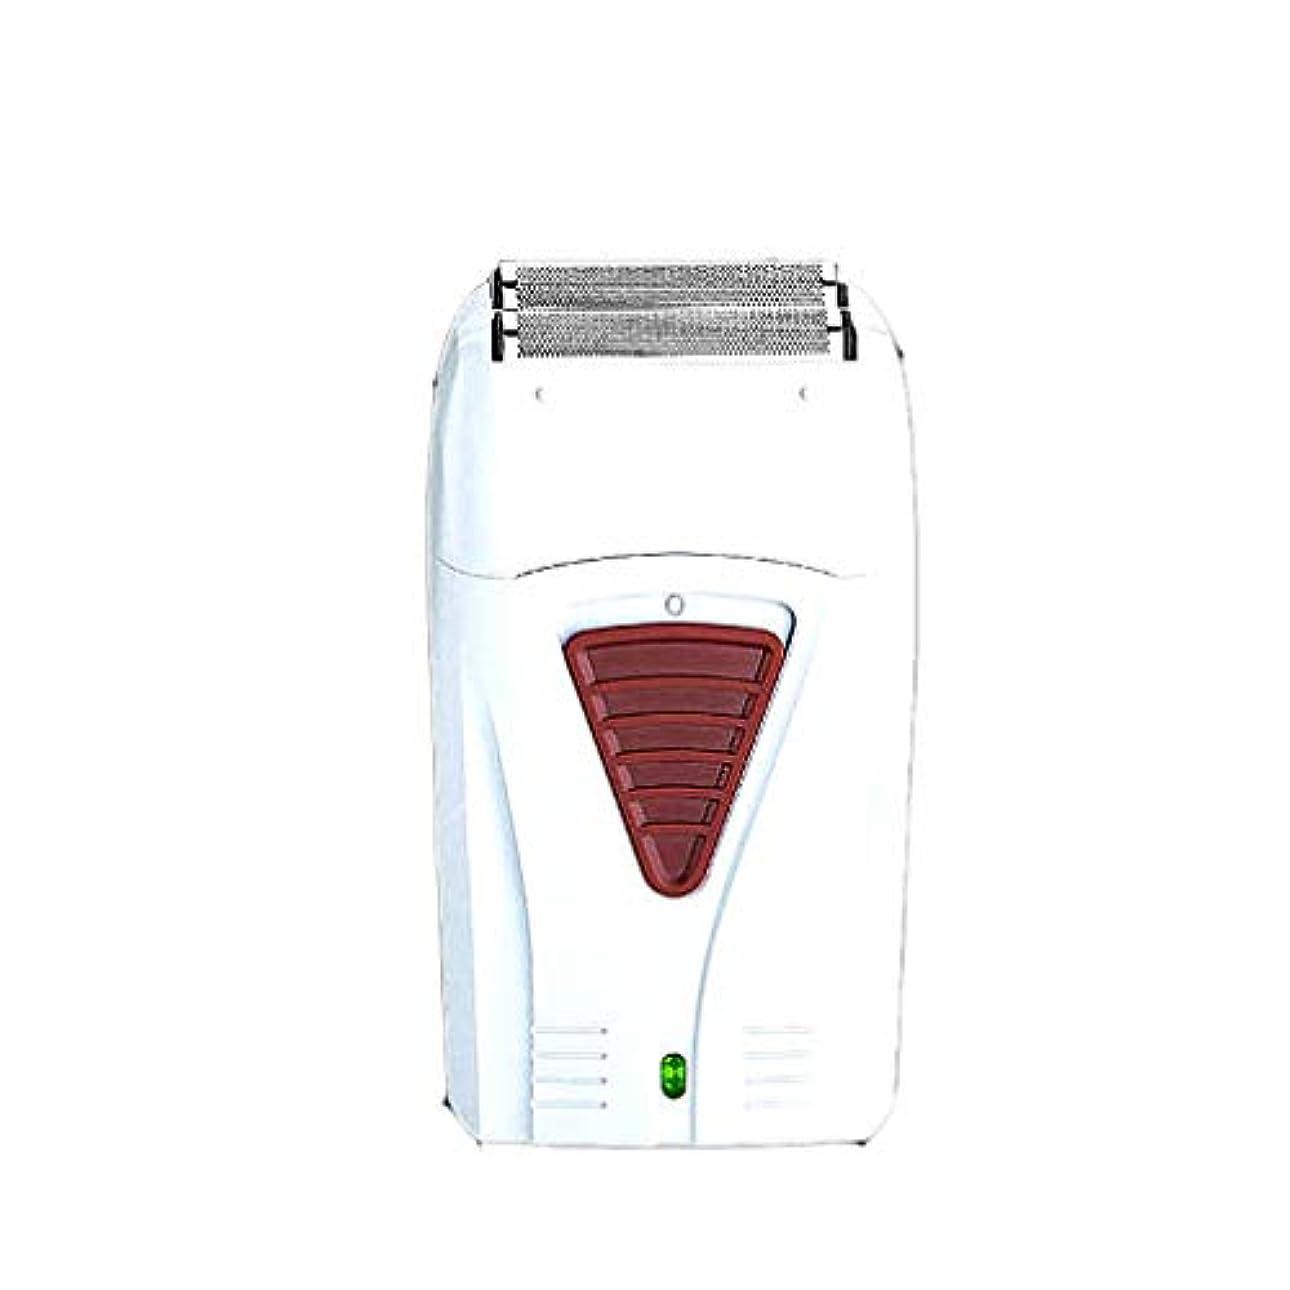 リスキーなボイドフォロー等高線のベニヤは、シェービング充電式電気はホワイト髪クリッパークラシックレシプロ式ダブルヘッドレイザーを押してSMOOTH